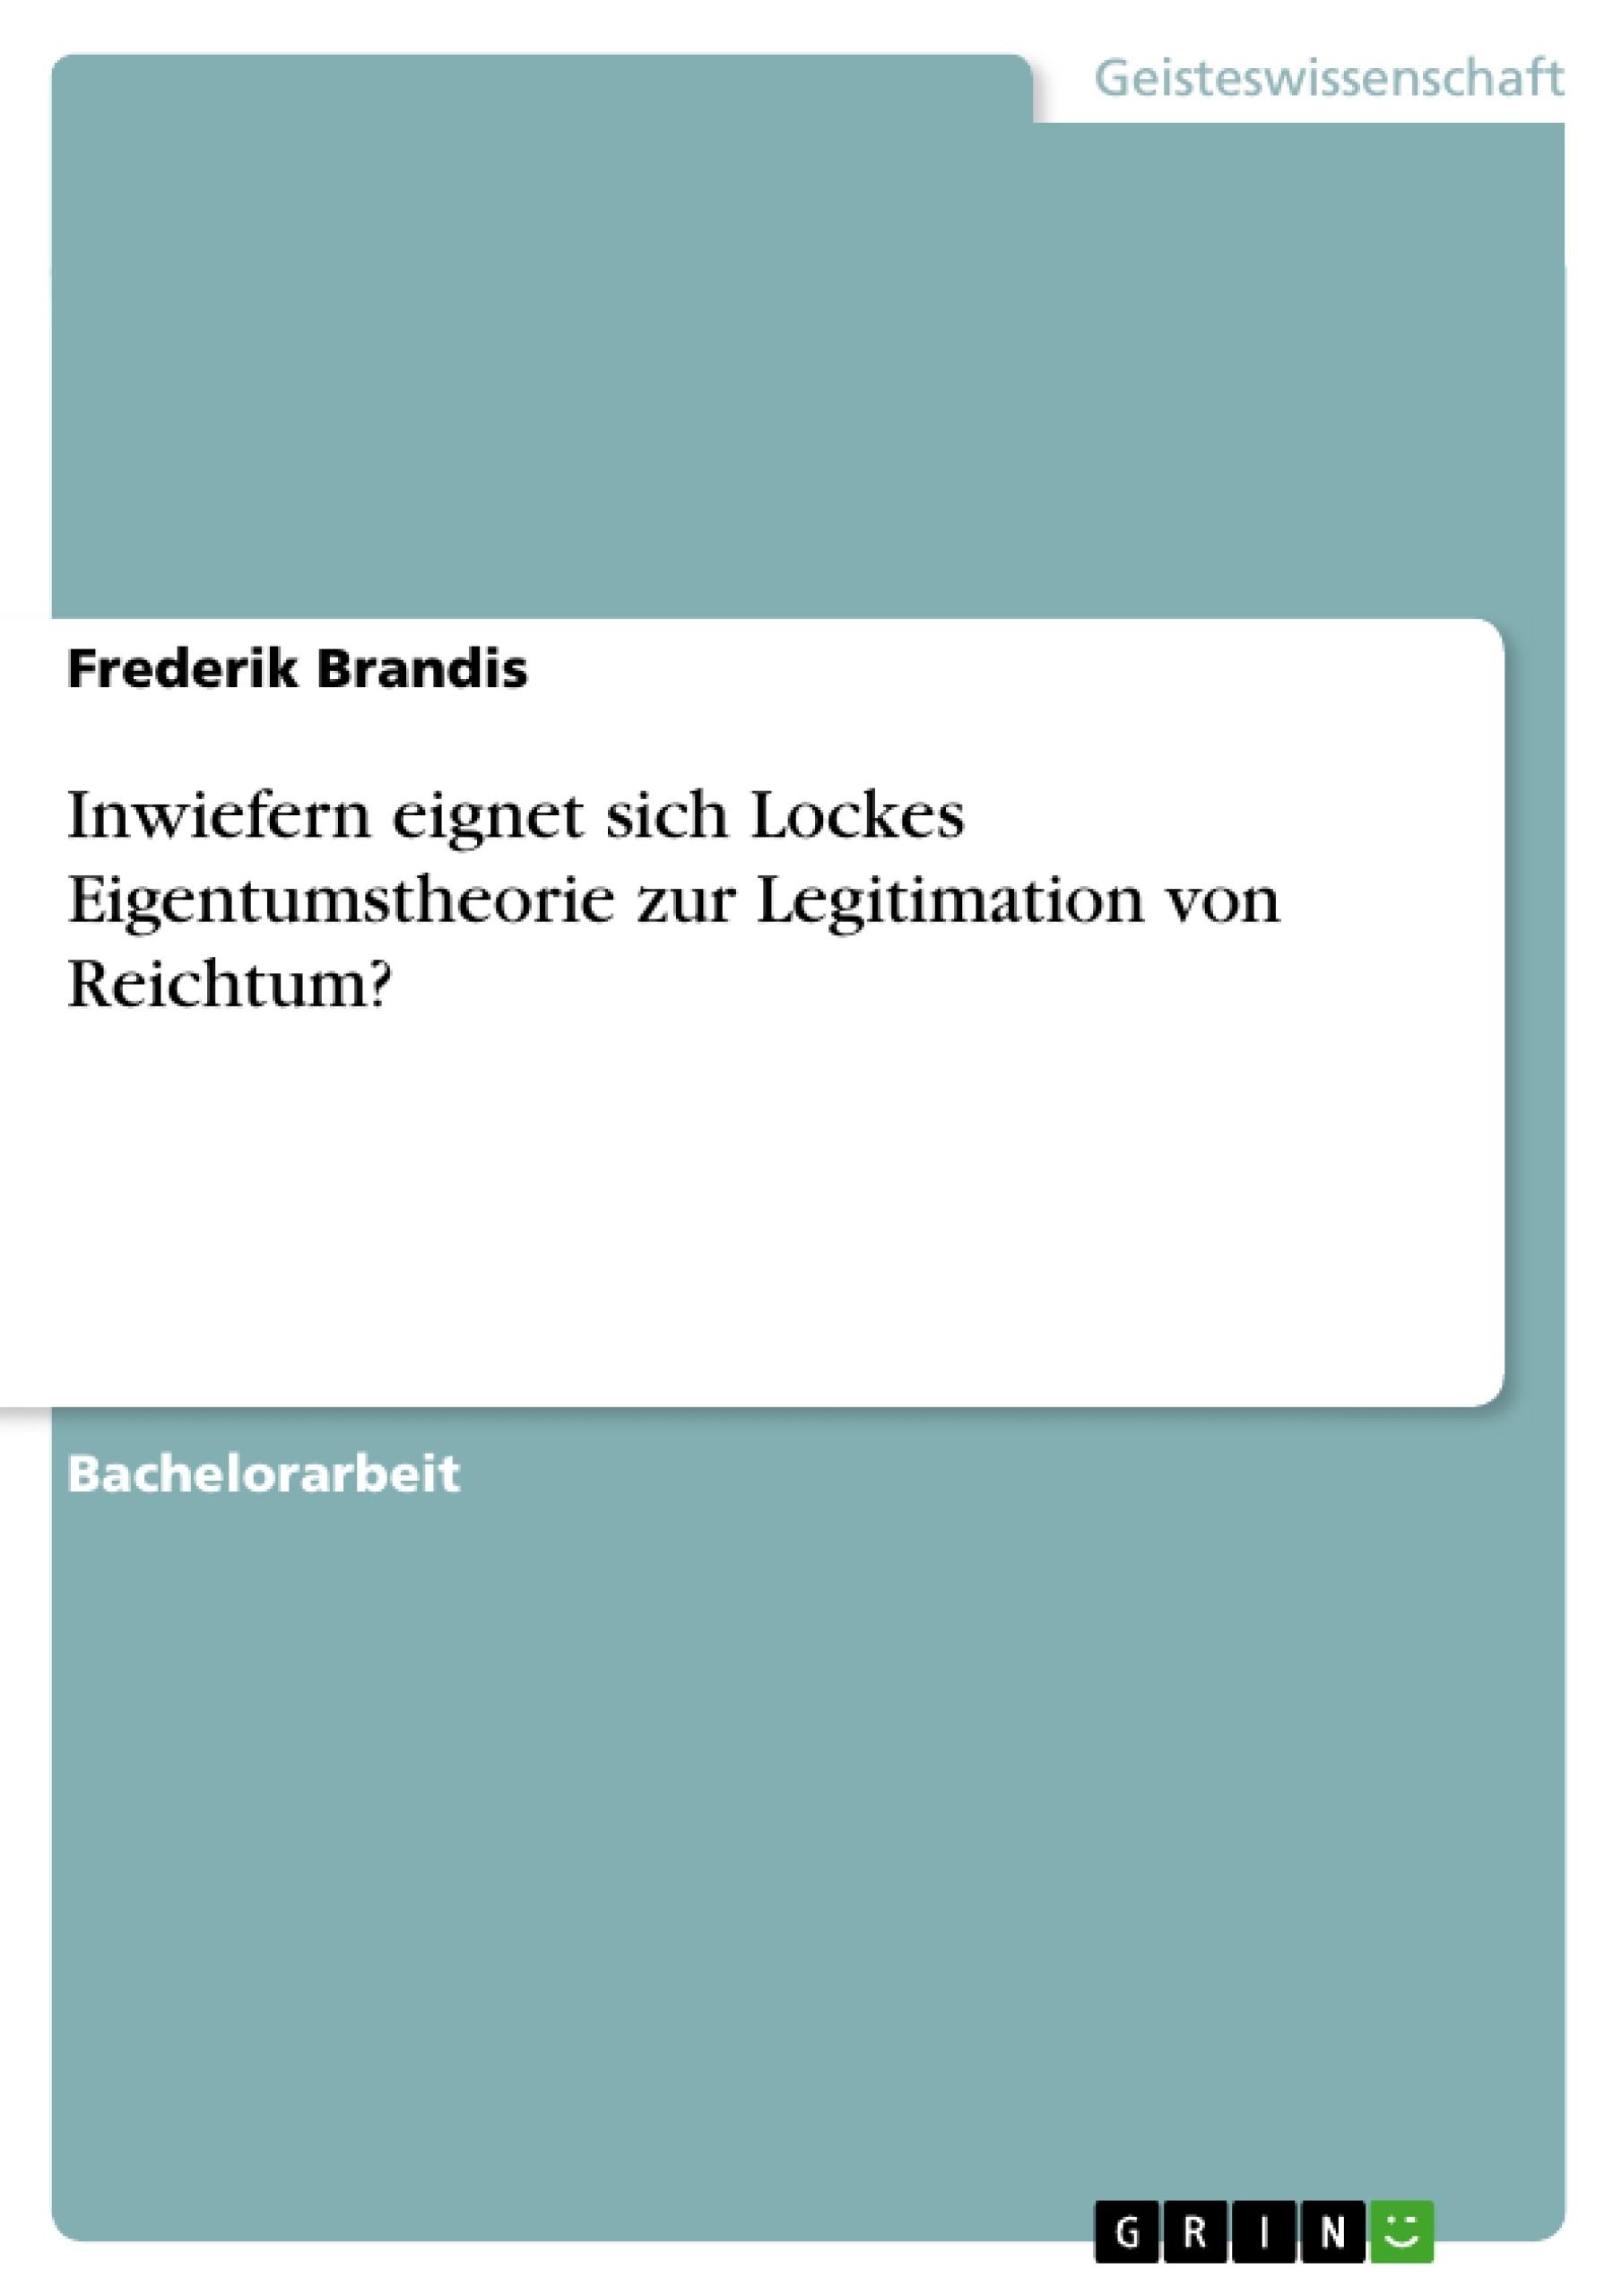 Titel: Inwiefern eignet sich Lockes Eigentumstheorie zur Legitimation von Reichtum?